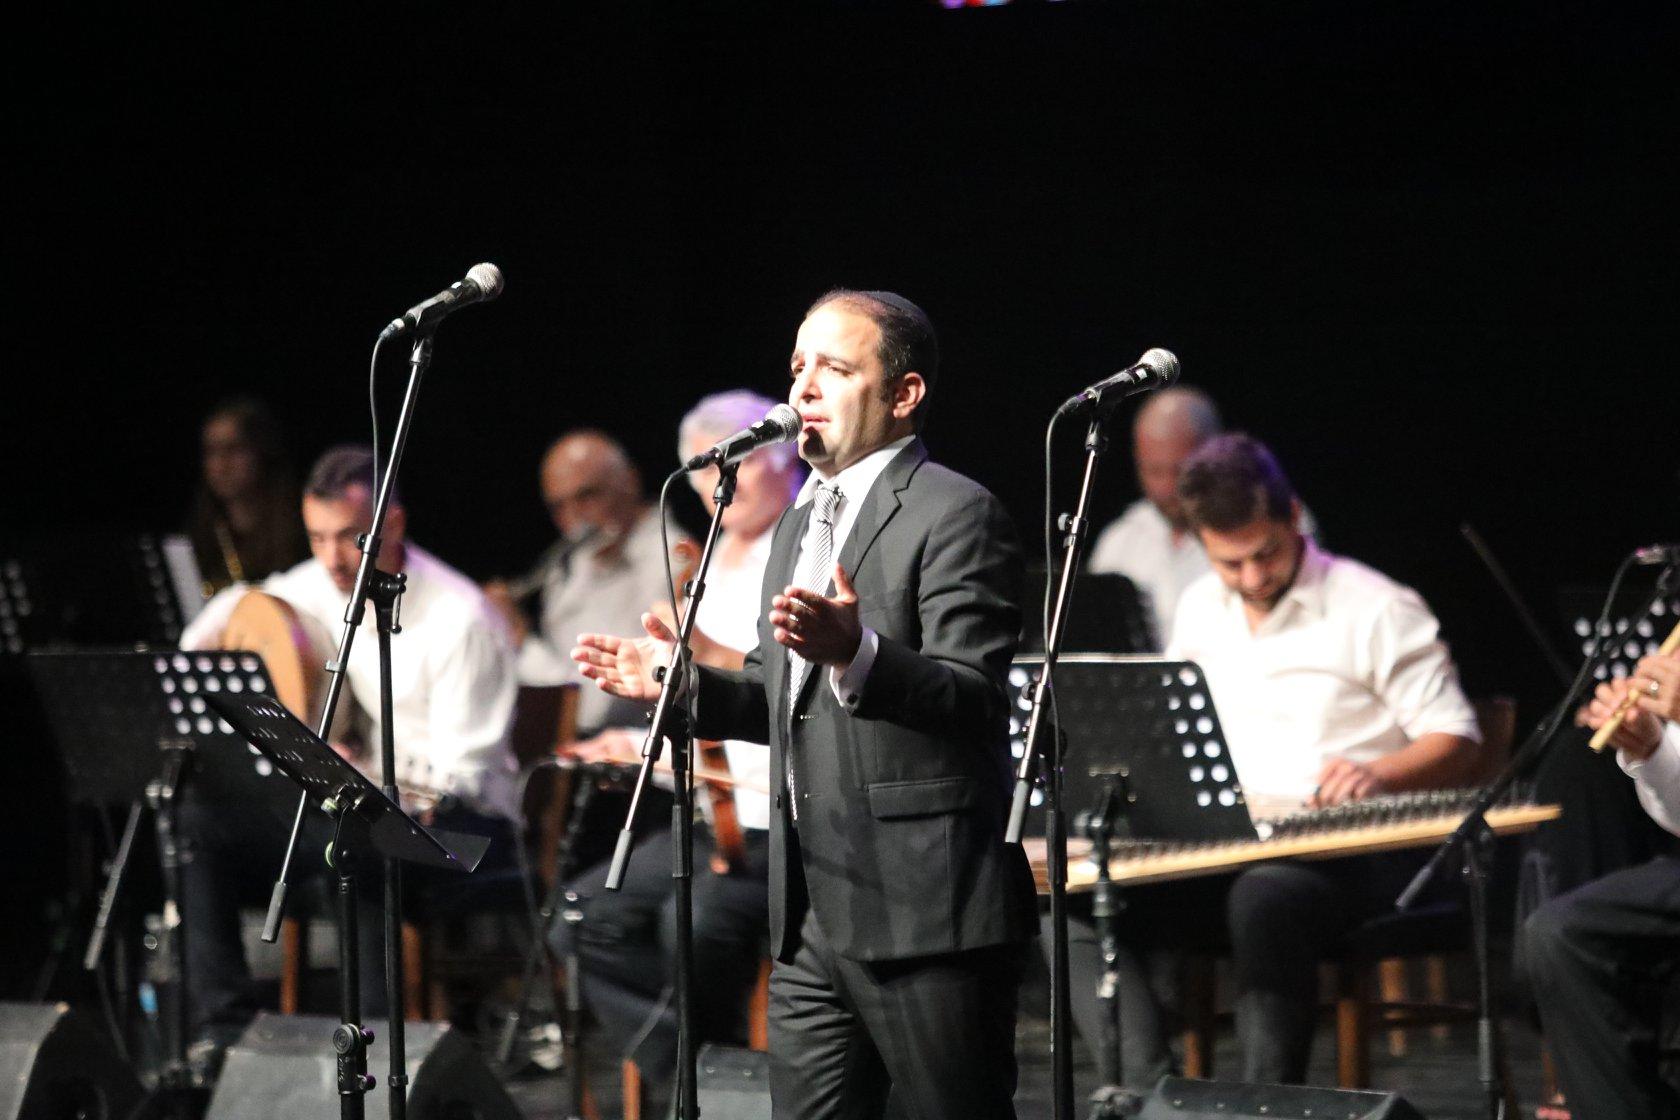 חיים ישראל במופע הסליחות של האנדלוסית אשדוד בקריית מוצקין